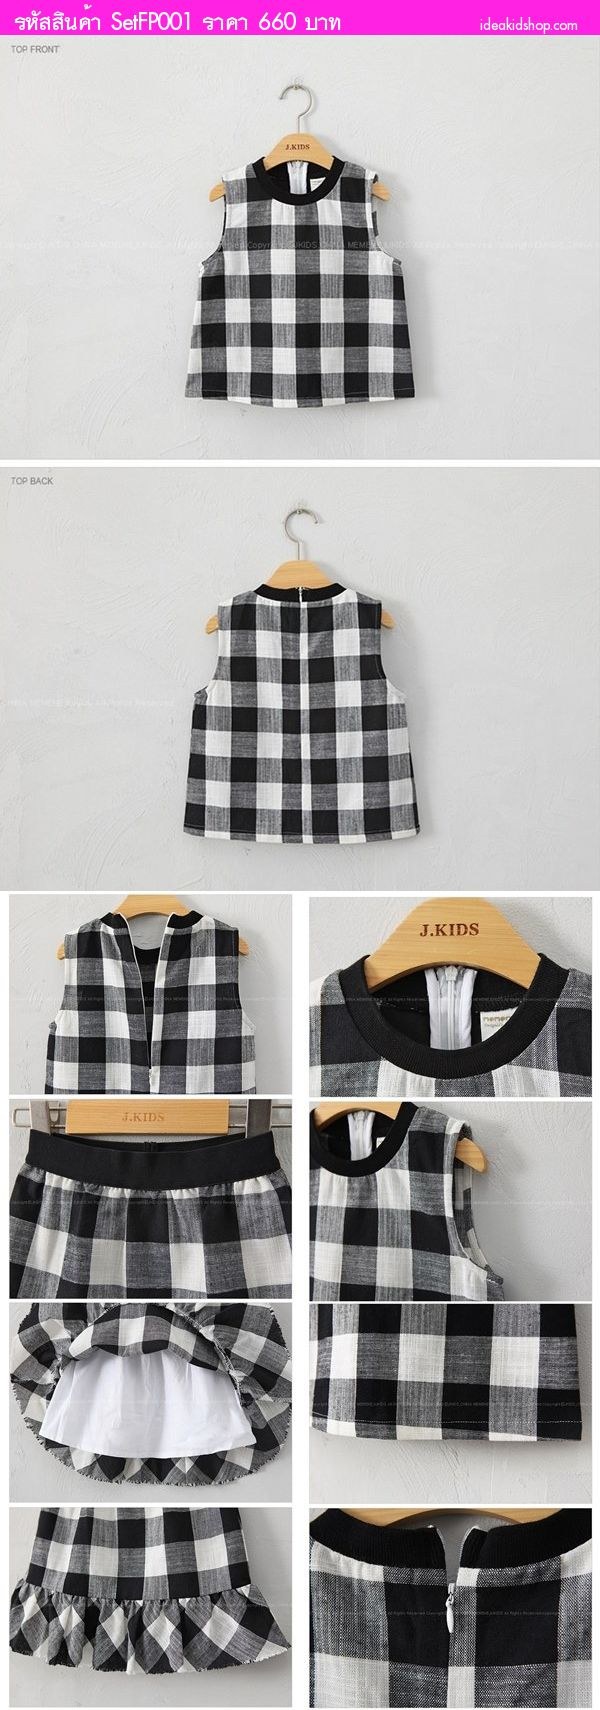 ชุดเสื้อกระโปรง Black Square สีขาวดำ